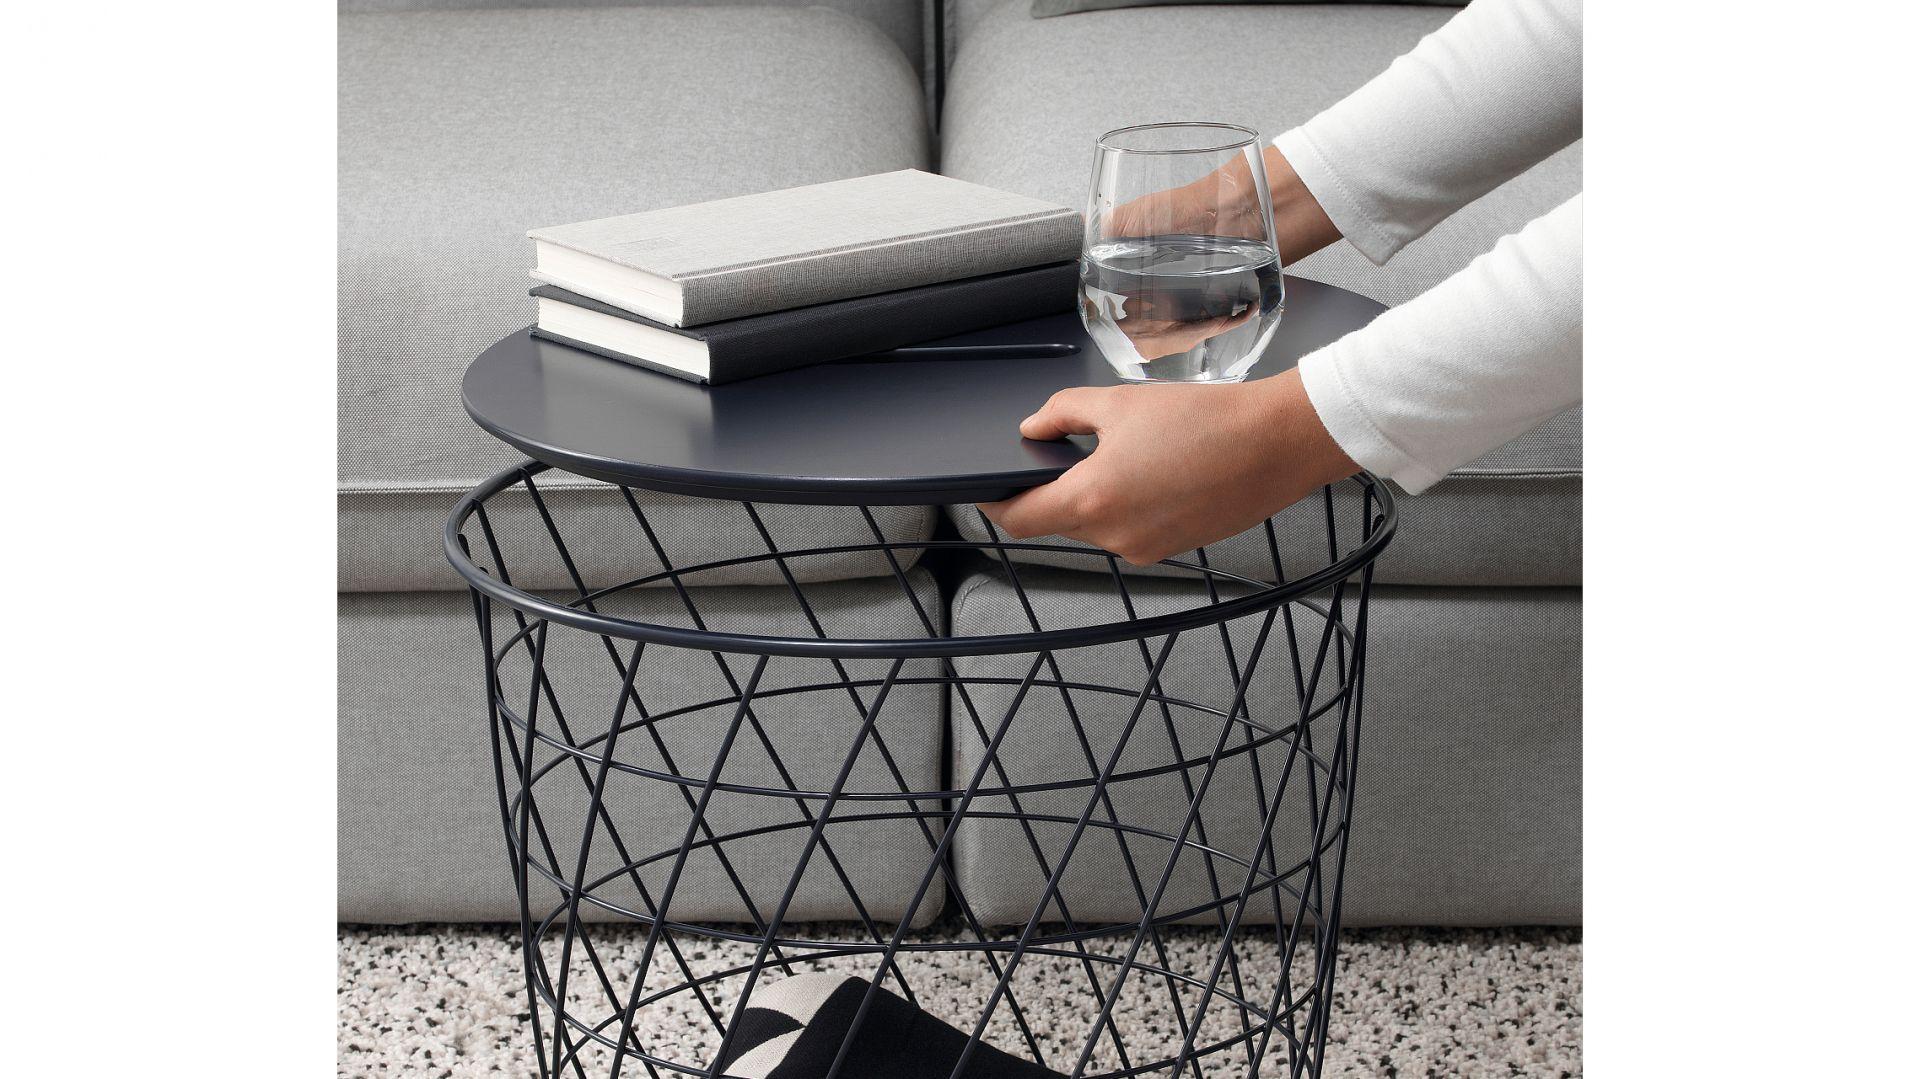 Stolik Kvistbro z miejscem do przechowywania, granatowy. Uchwyt umieszczony w blacie stołu ułatwia otwieranie i sięganie po przedmioty przechowywane w koszyku. Fot. IKEA